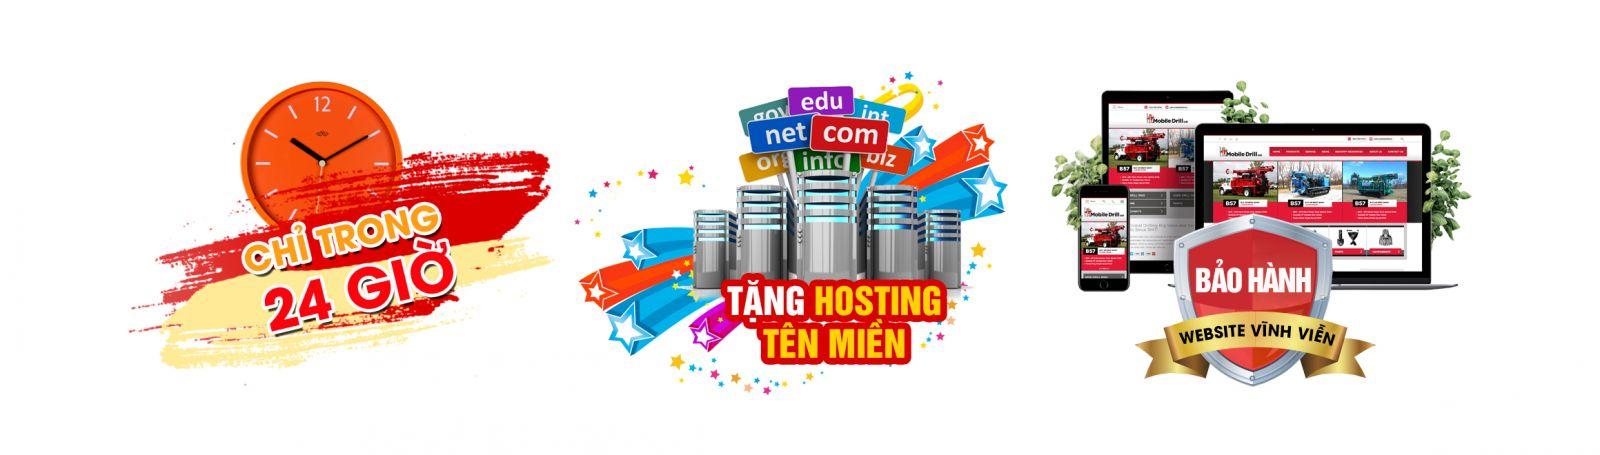 Thiết kế website tại huyện Bình Chánh uy tín, chất lượng, giá rẻ